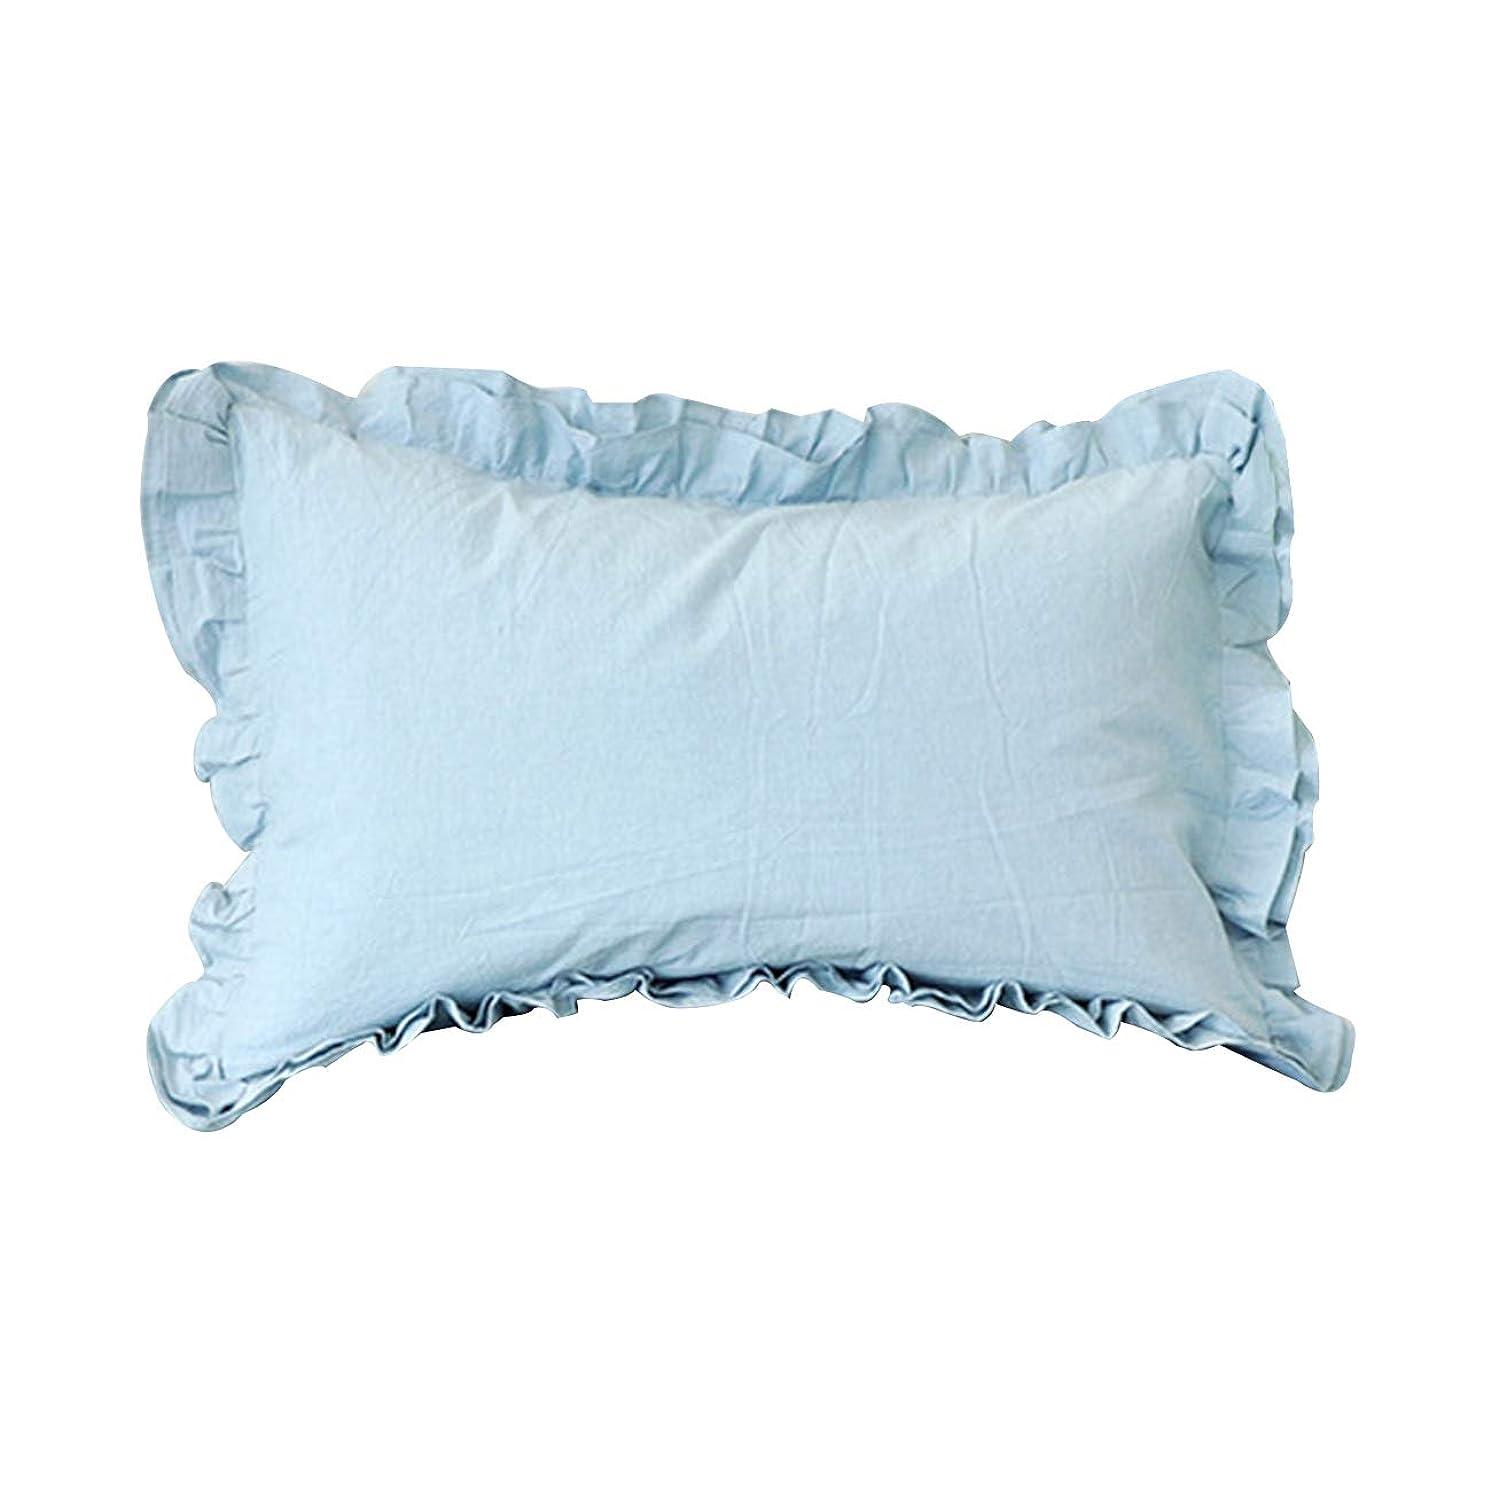 肺アーティファクト変装枕カバー 75×50cm(70x50cmも可) 綿 封筒式 ピローケース フリル付き 結婚式 ホテル品質 5色 (ブルー)